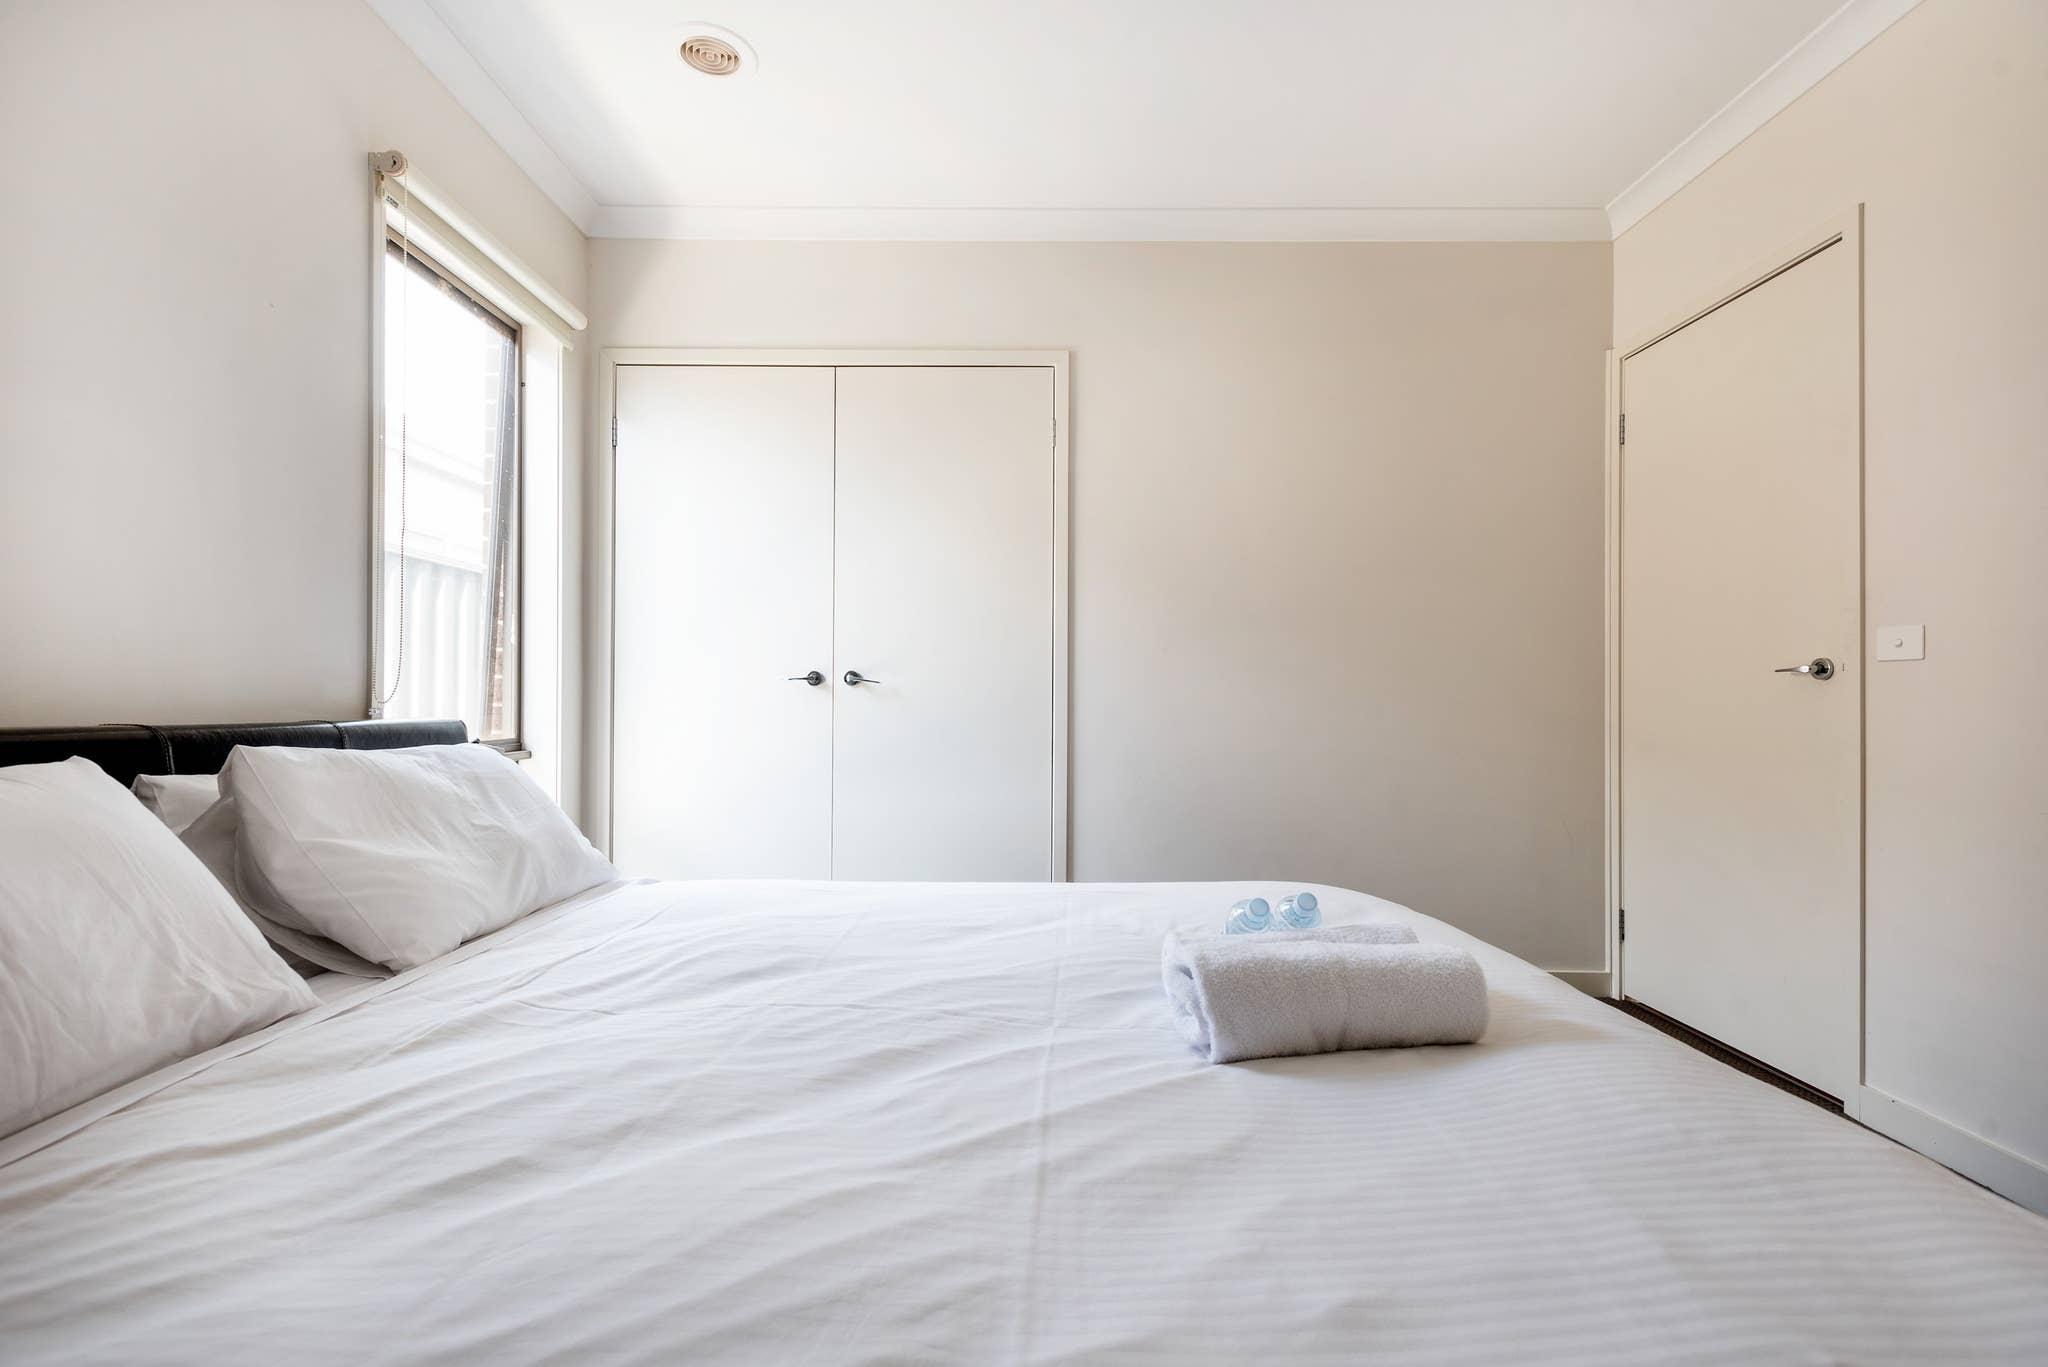 Ferienhaus 5br Luxushaus 20 Min bis Cbd Gerumiges Wohnen (2704199), Point Cook, , Victoria, Australien, Bild 17